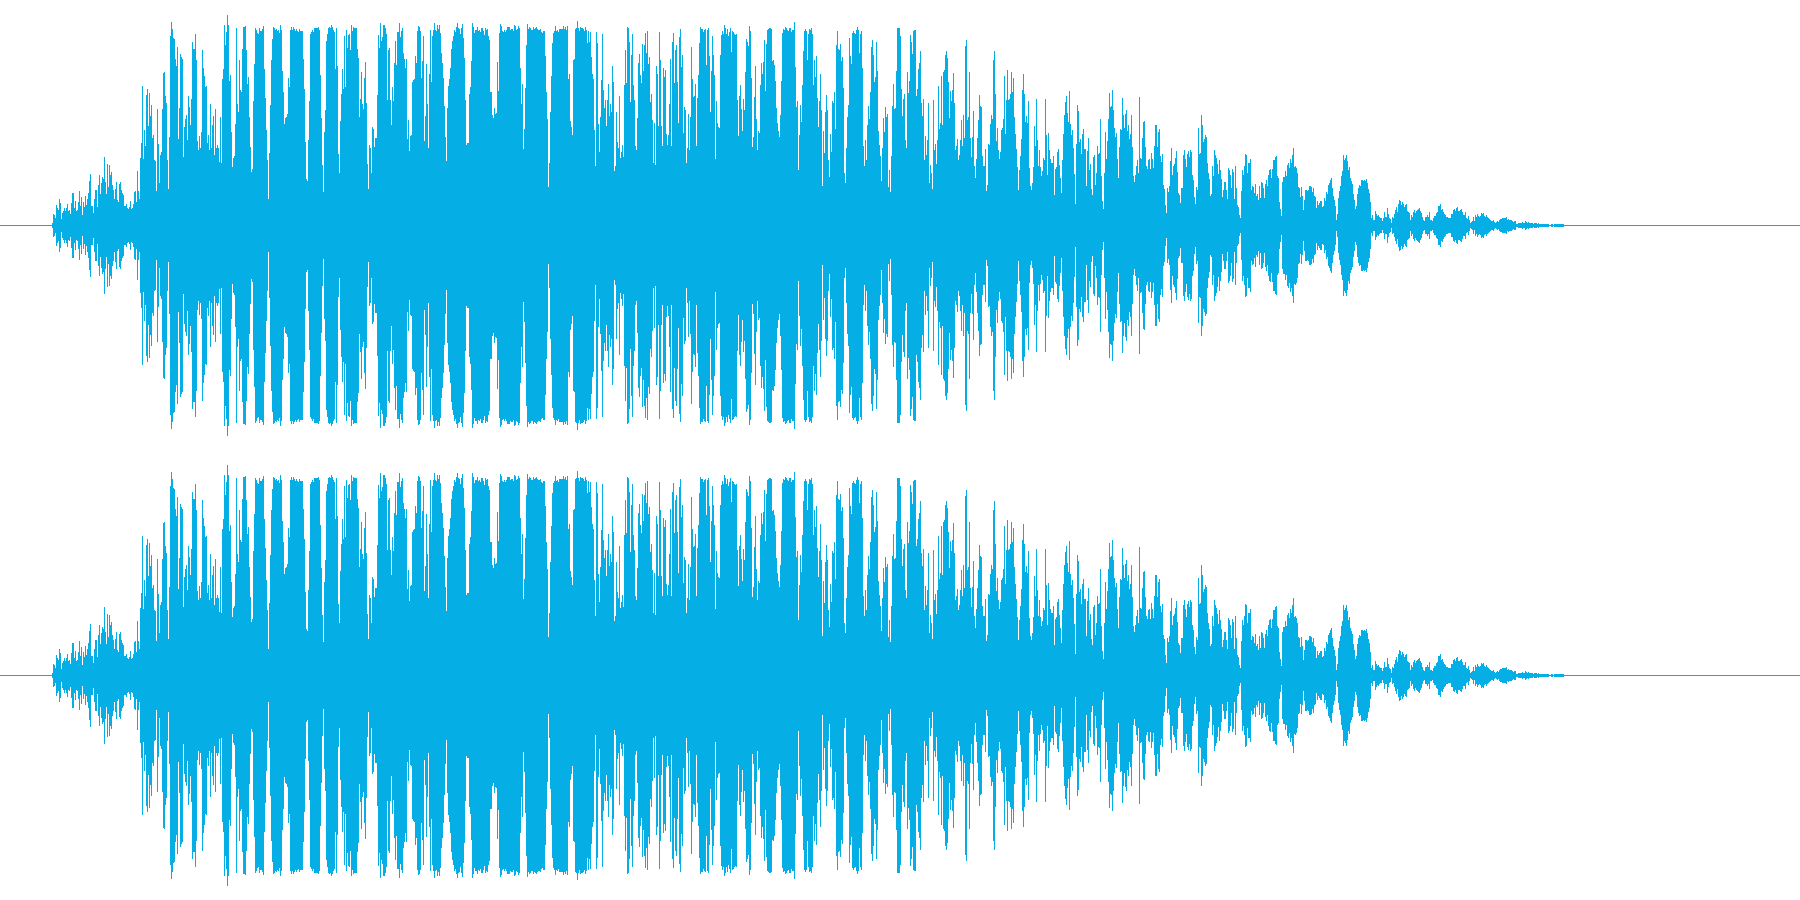 強キック 打撃音 01Hの再生済みの波形